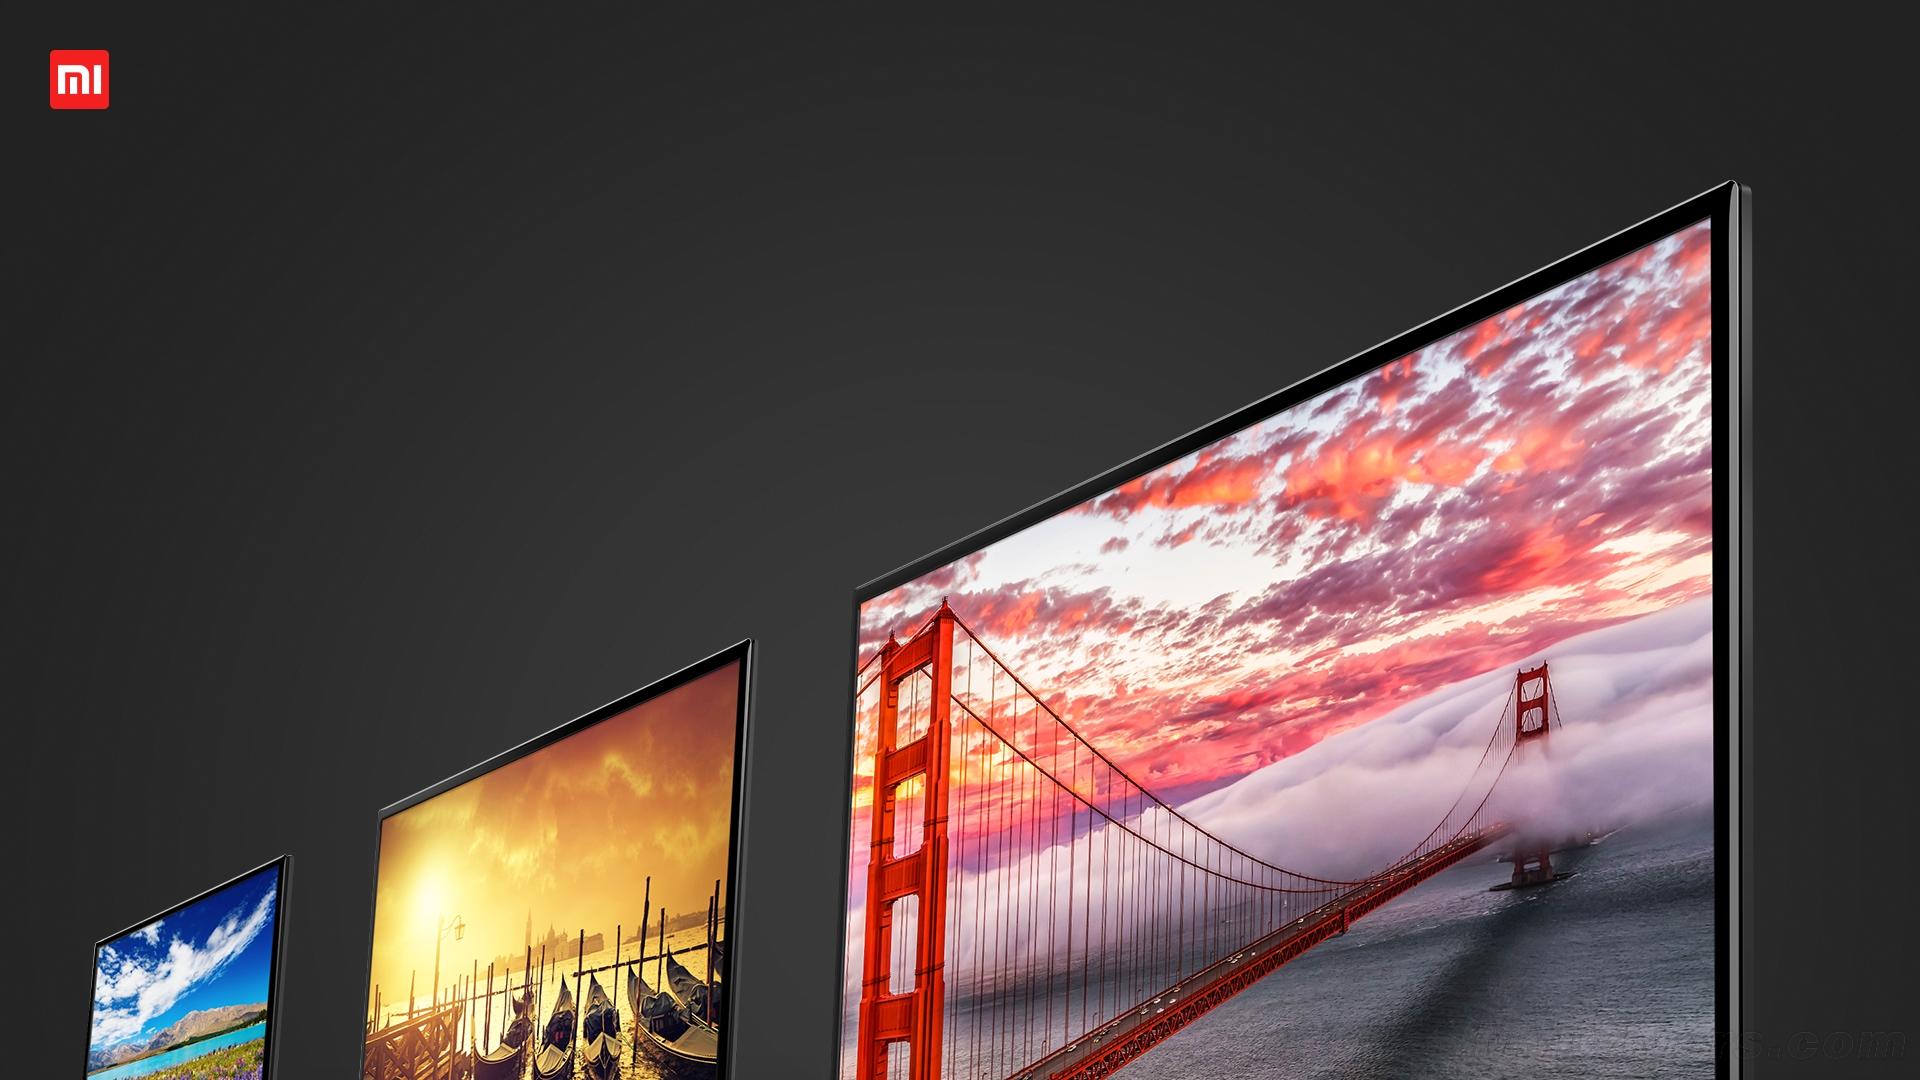 Xiaomi - Mi TV - 2